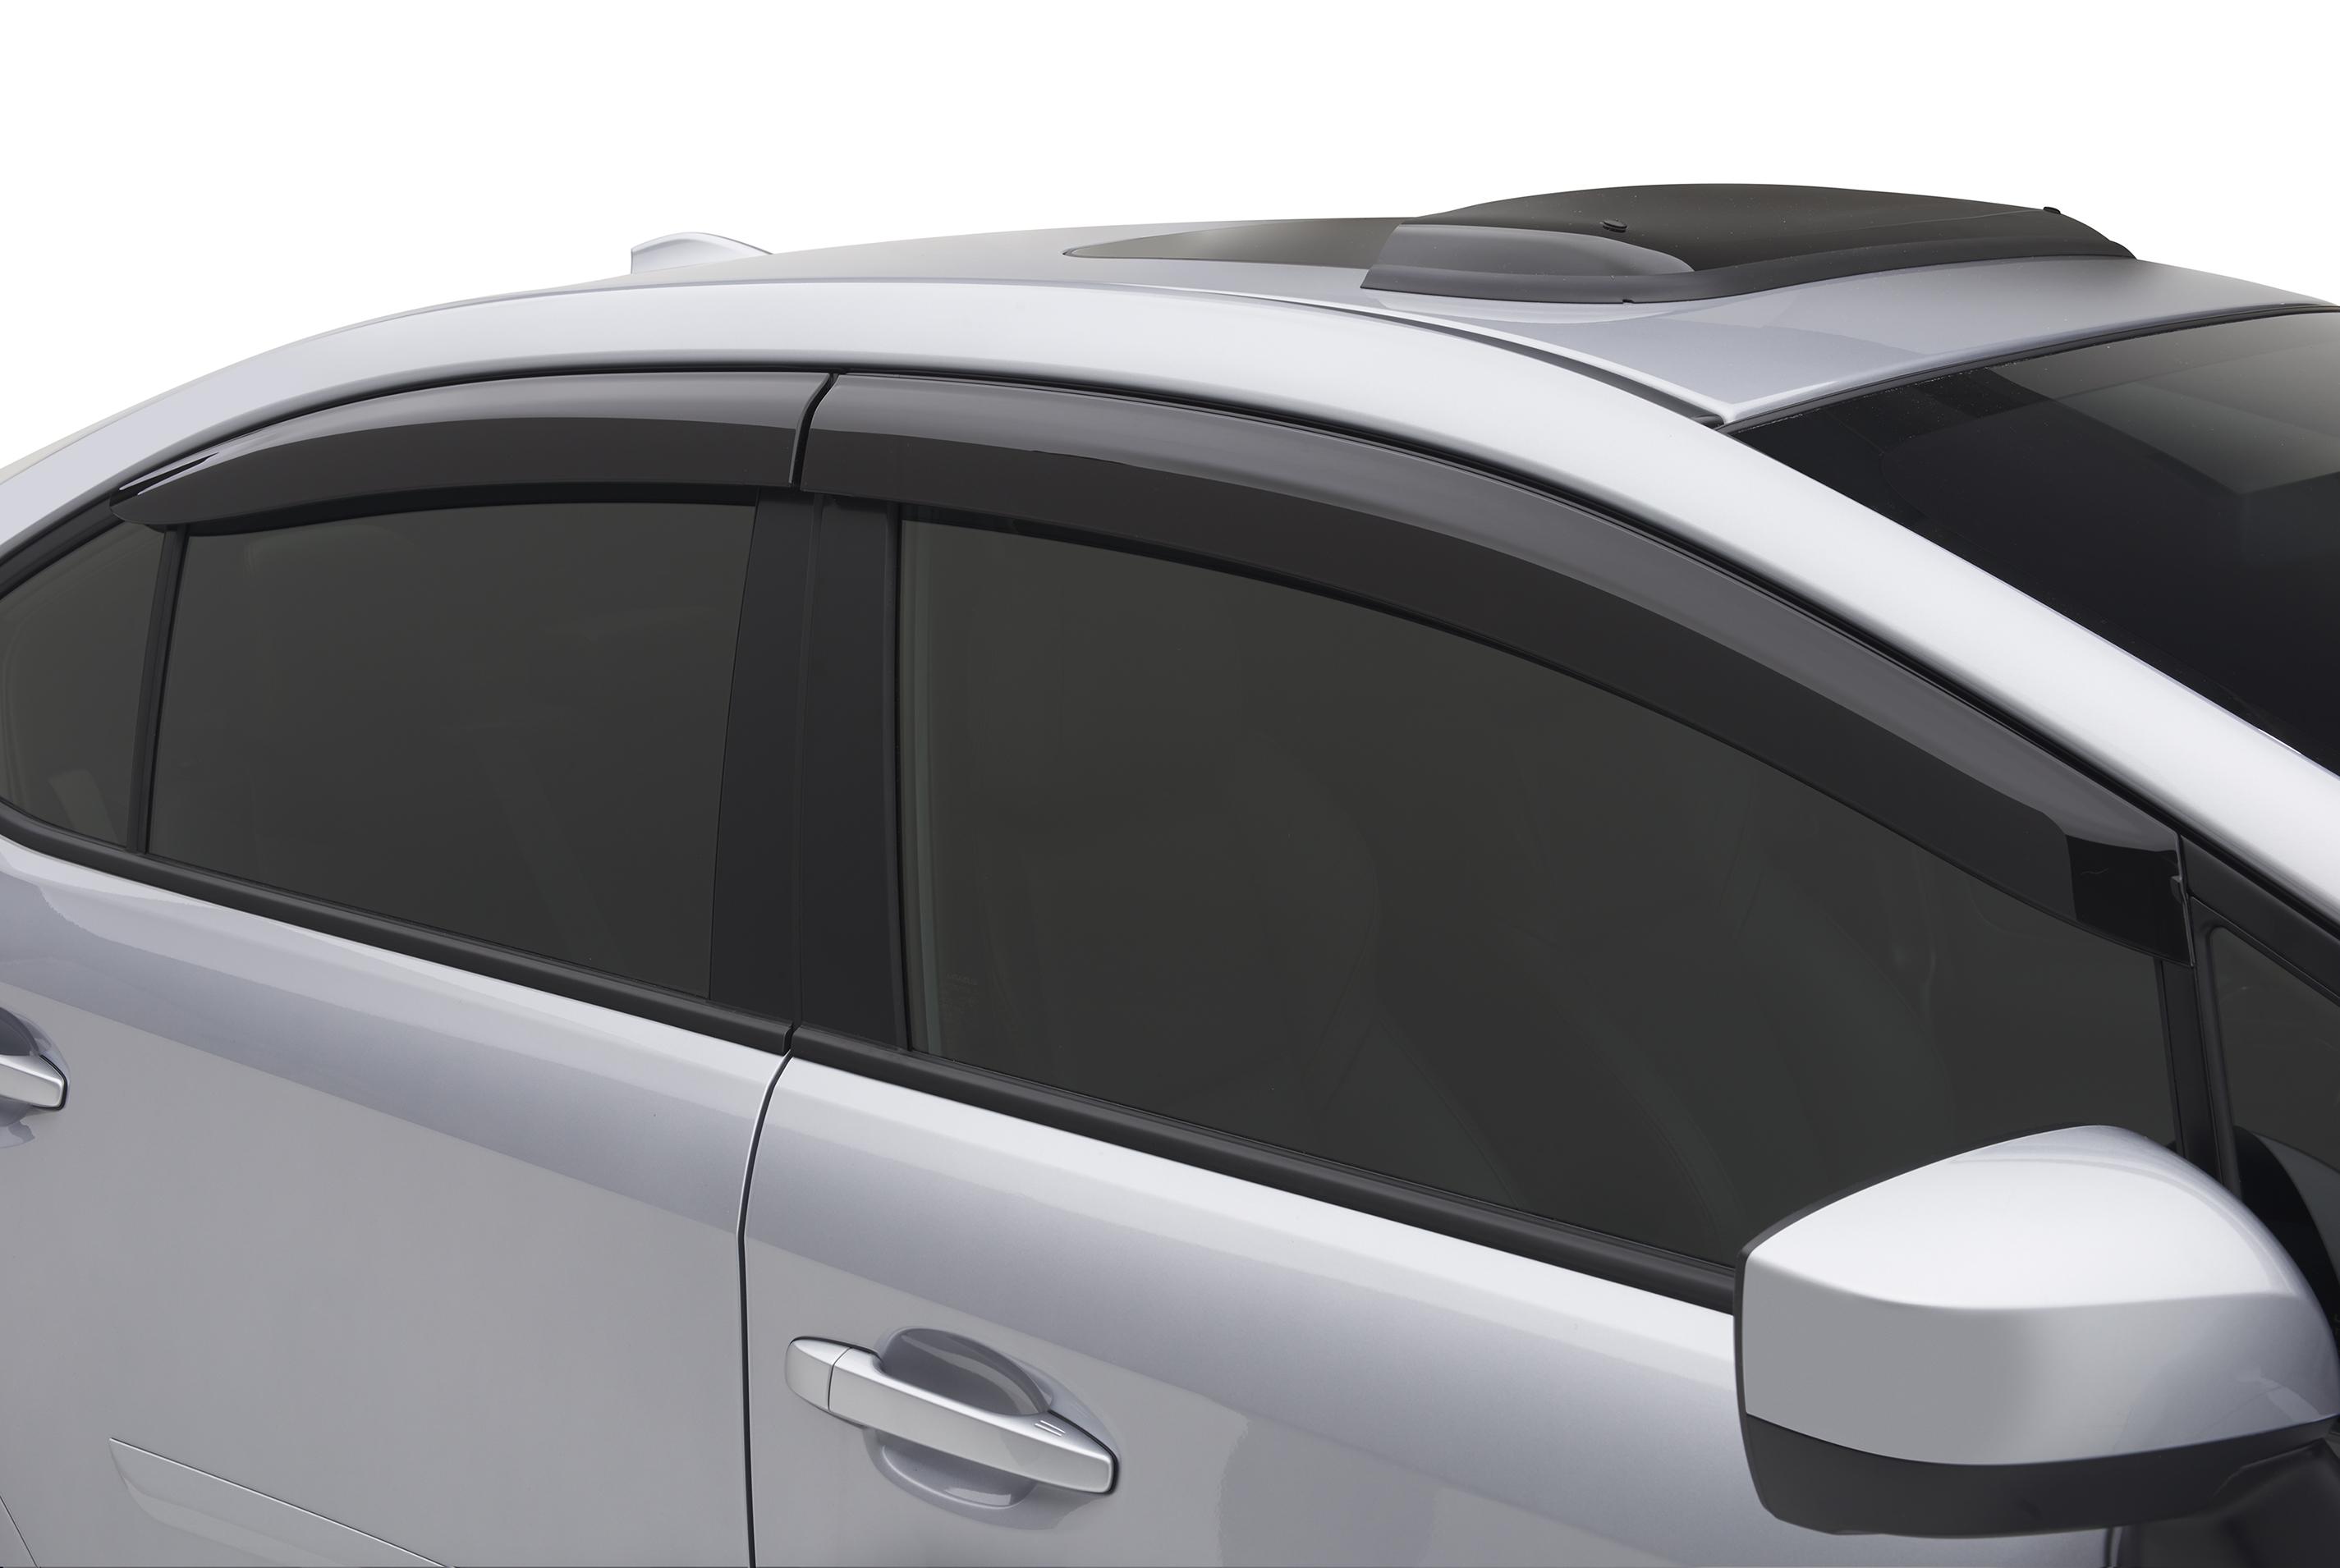 E3610fj860 Subaru Side Window Visor Sedan Side Window